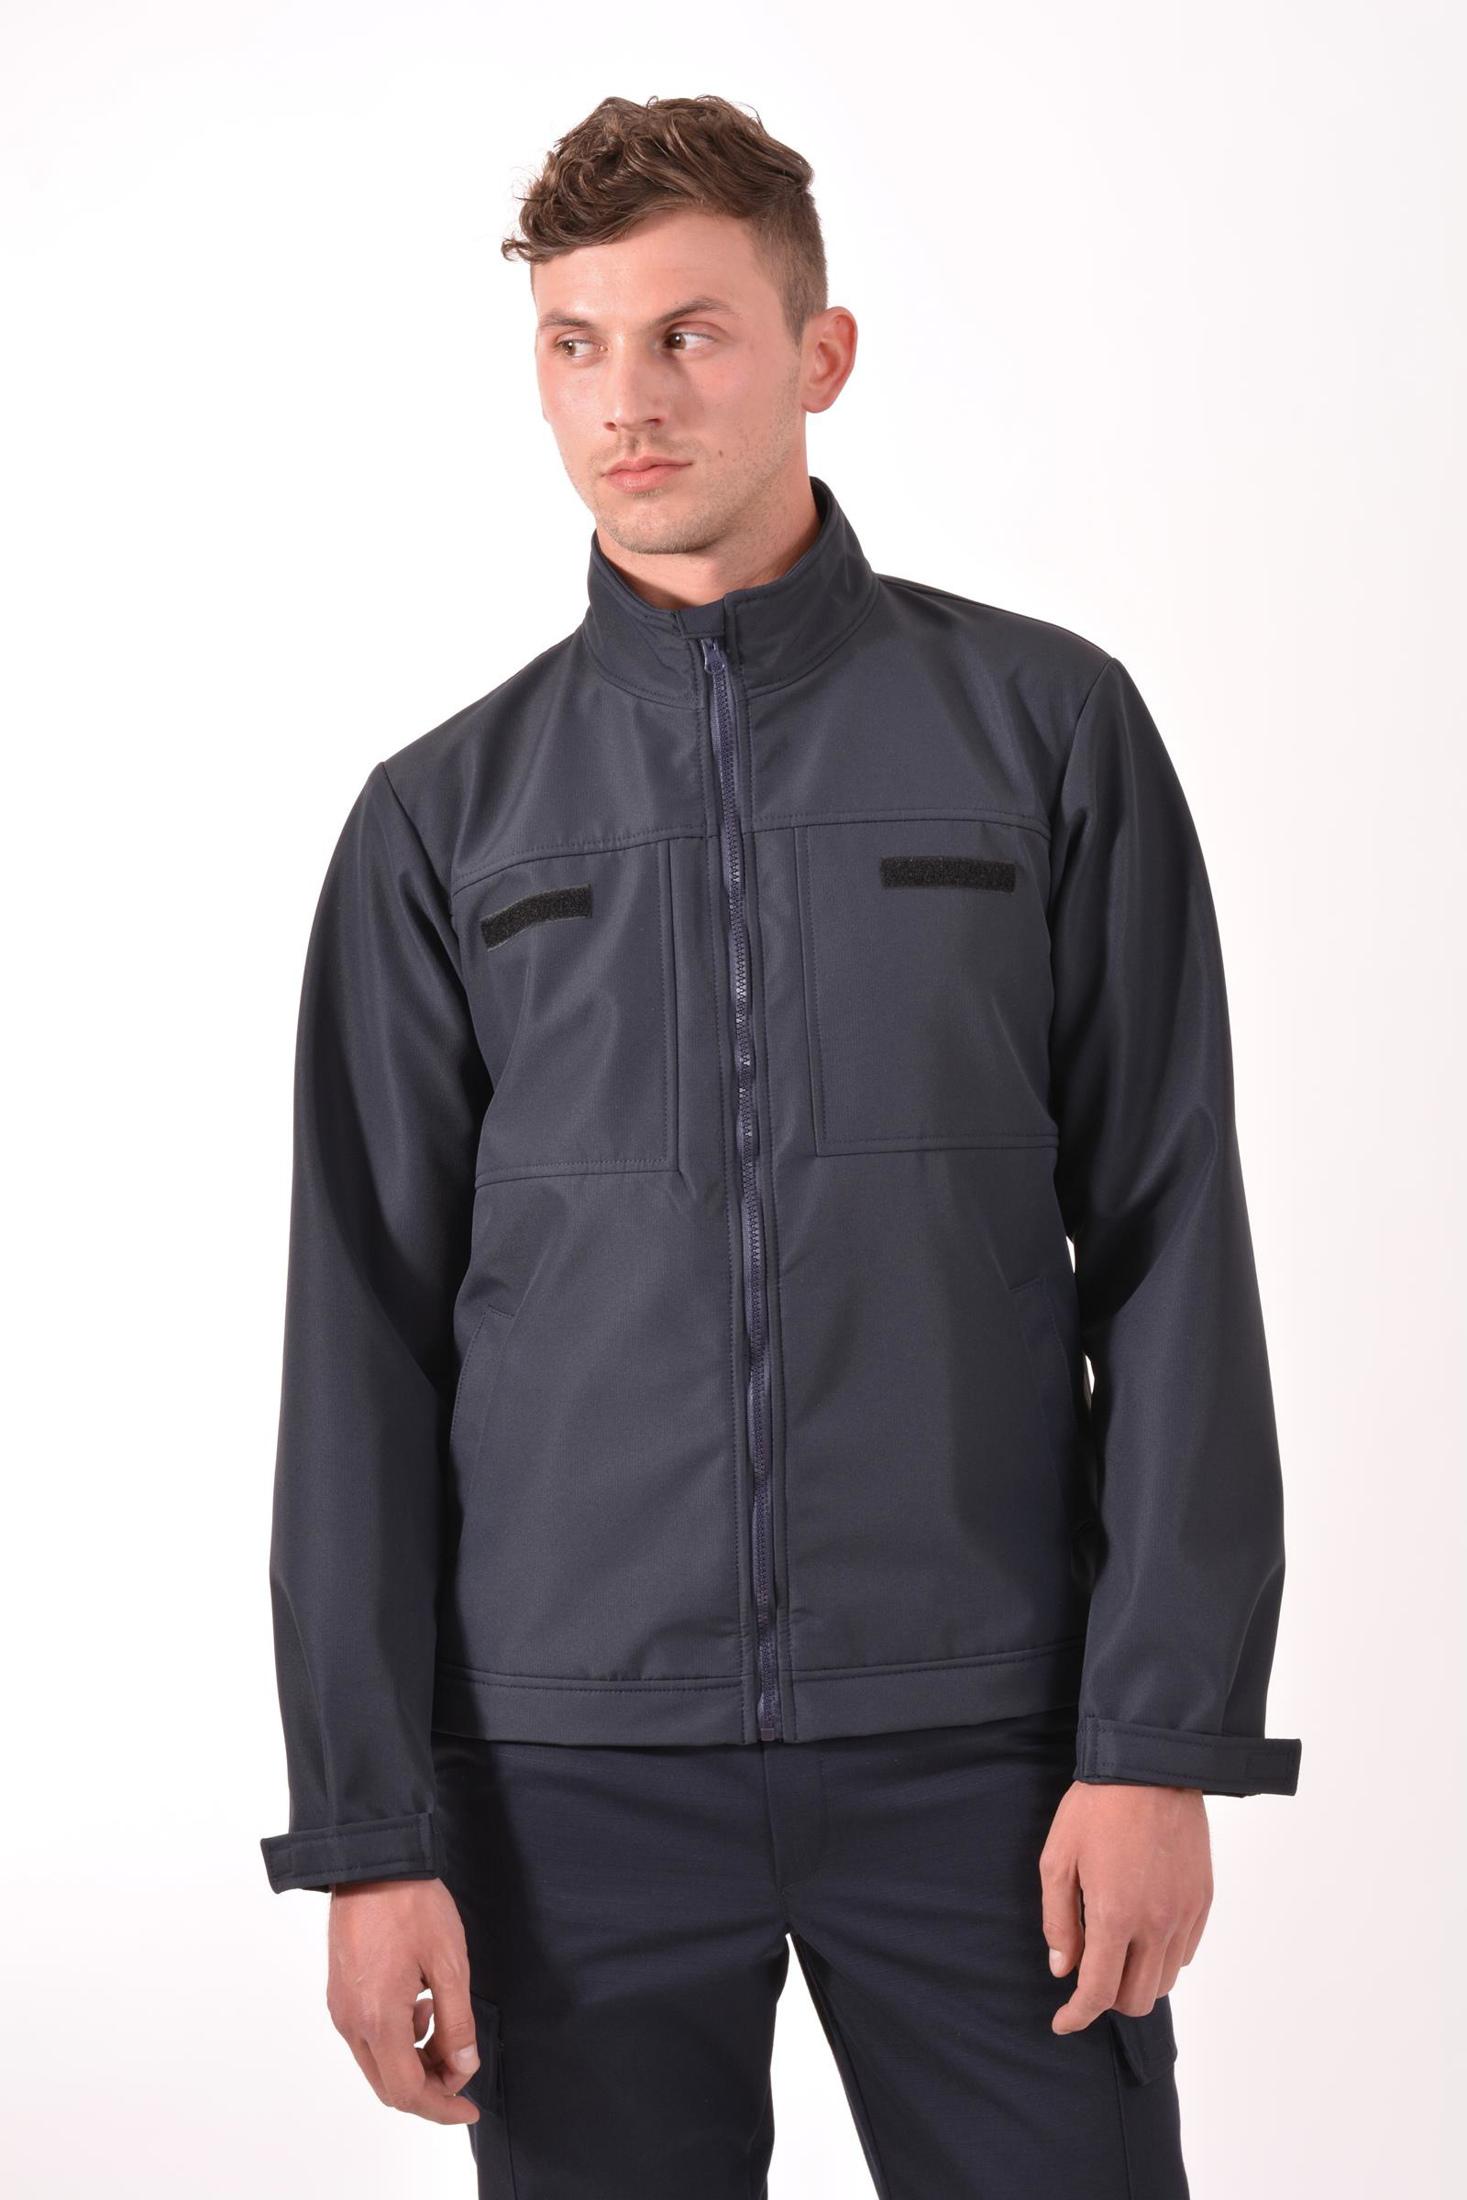 muška jakna soft shell, vodootporna, vjetrootporna. men's jacket soft shell, water repellent, windproof